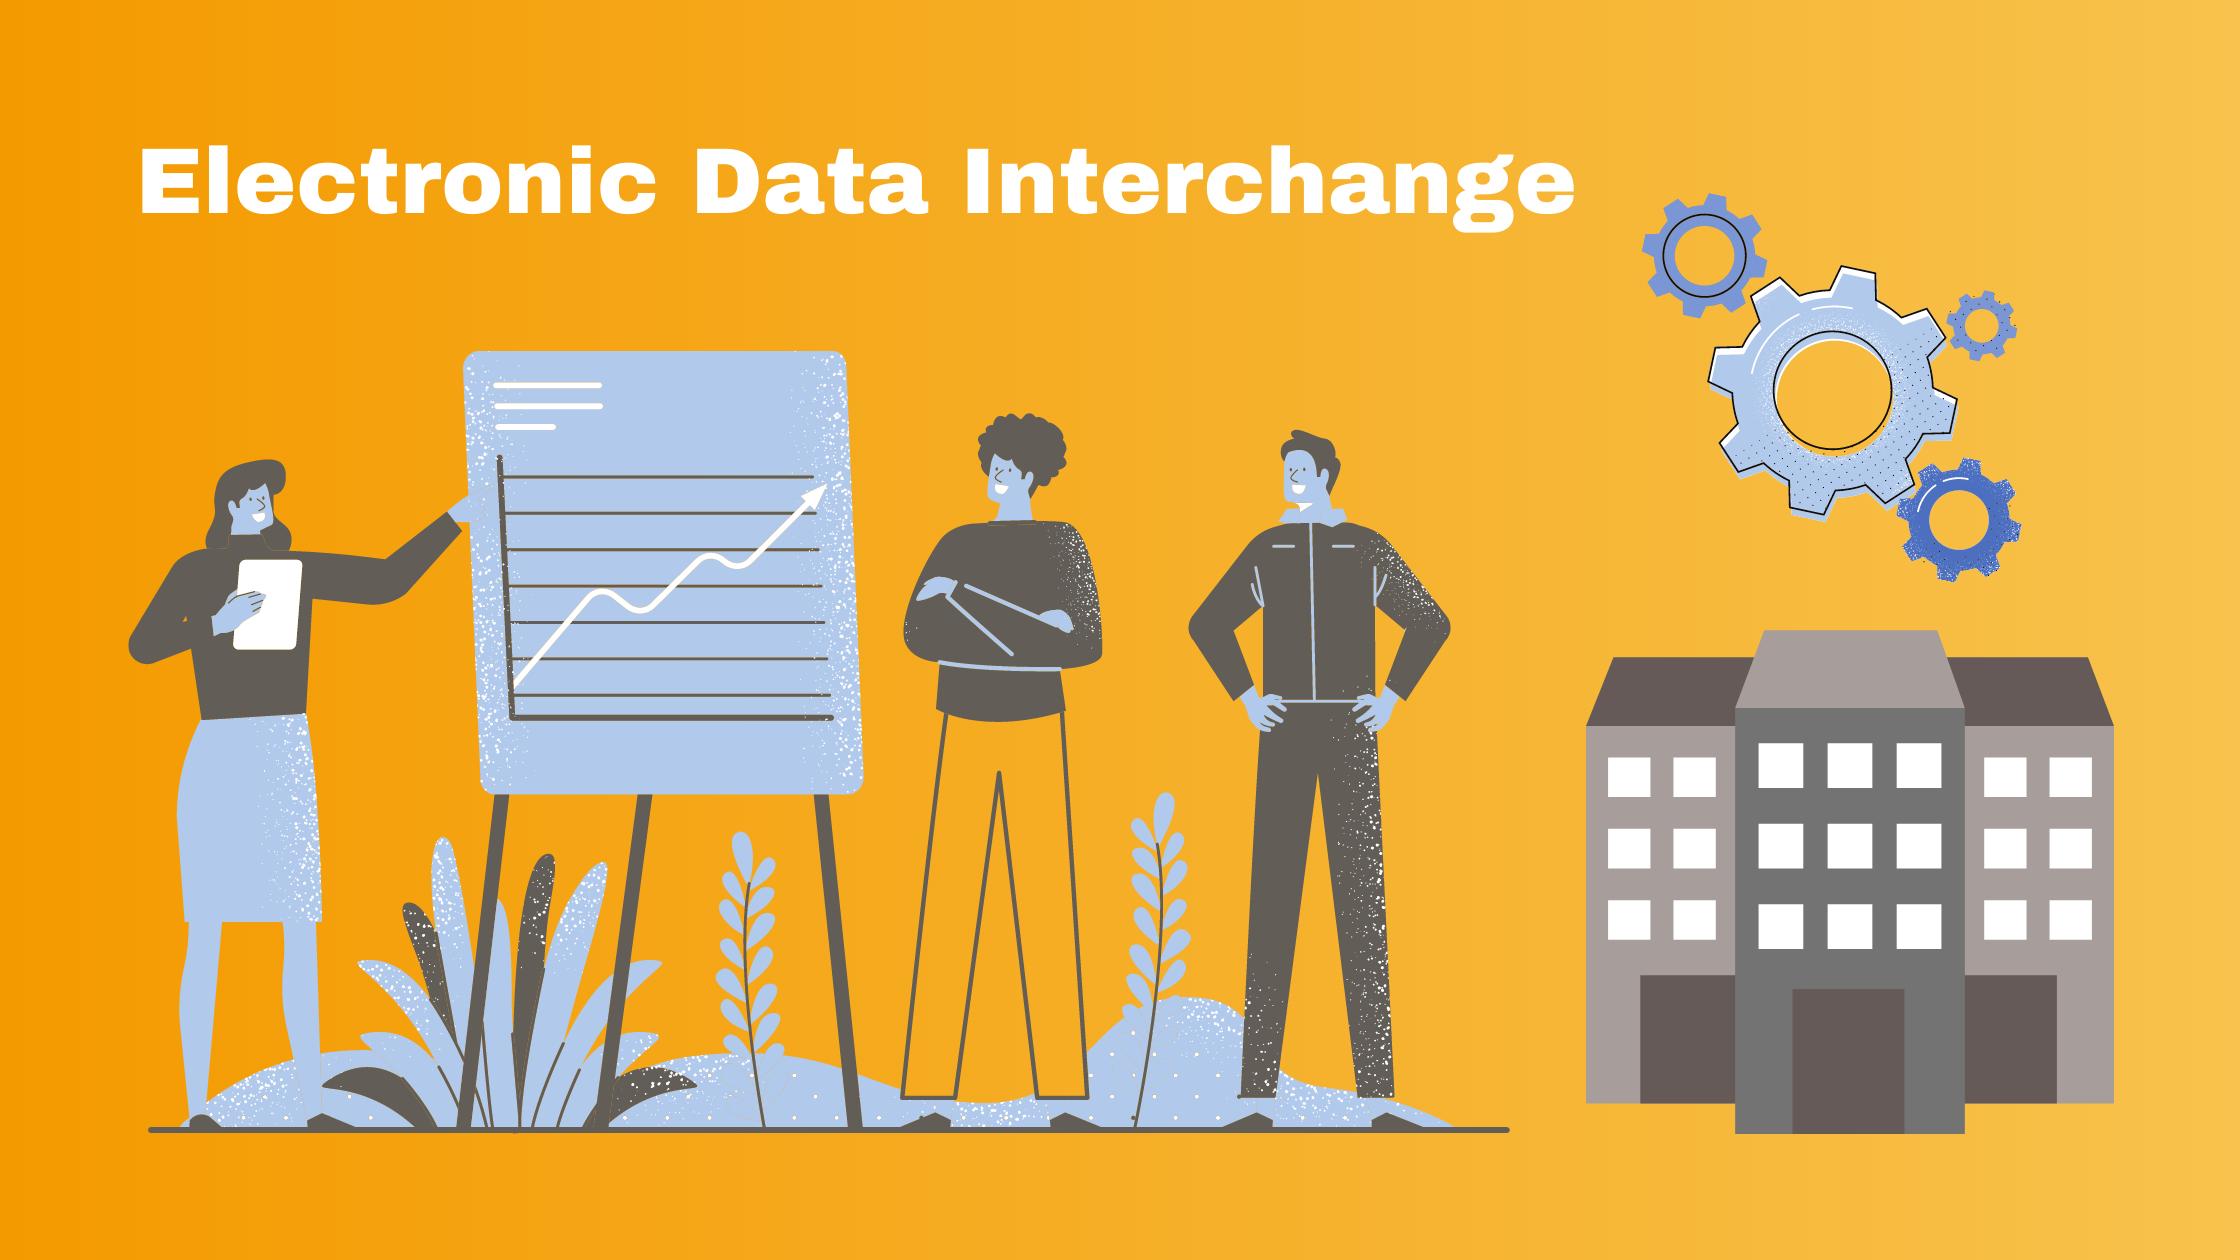 Implementierung und Umsetzung einer EDI-Infrastruktur Pic